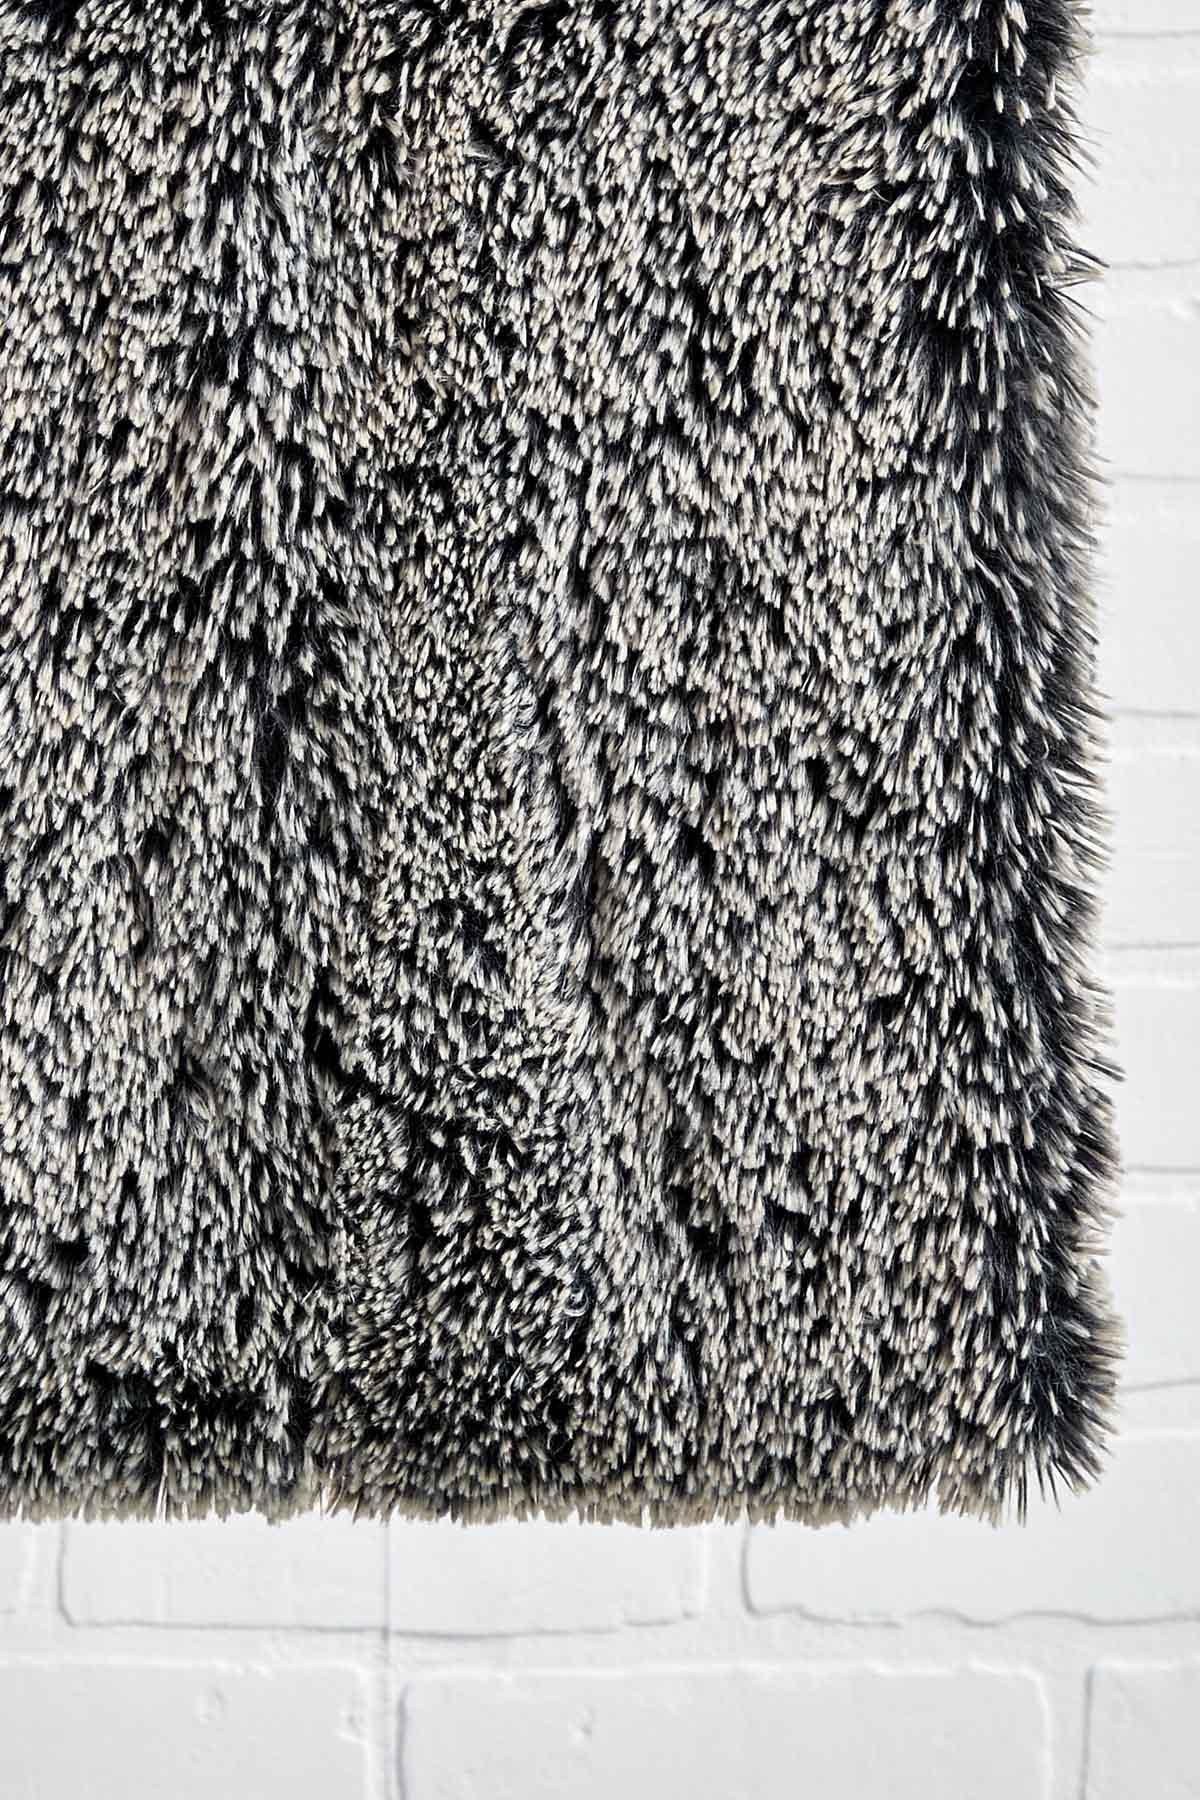 Black Shaggy Cowl Scarf